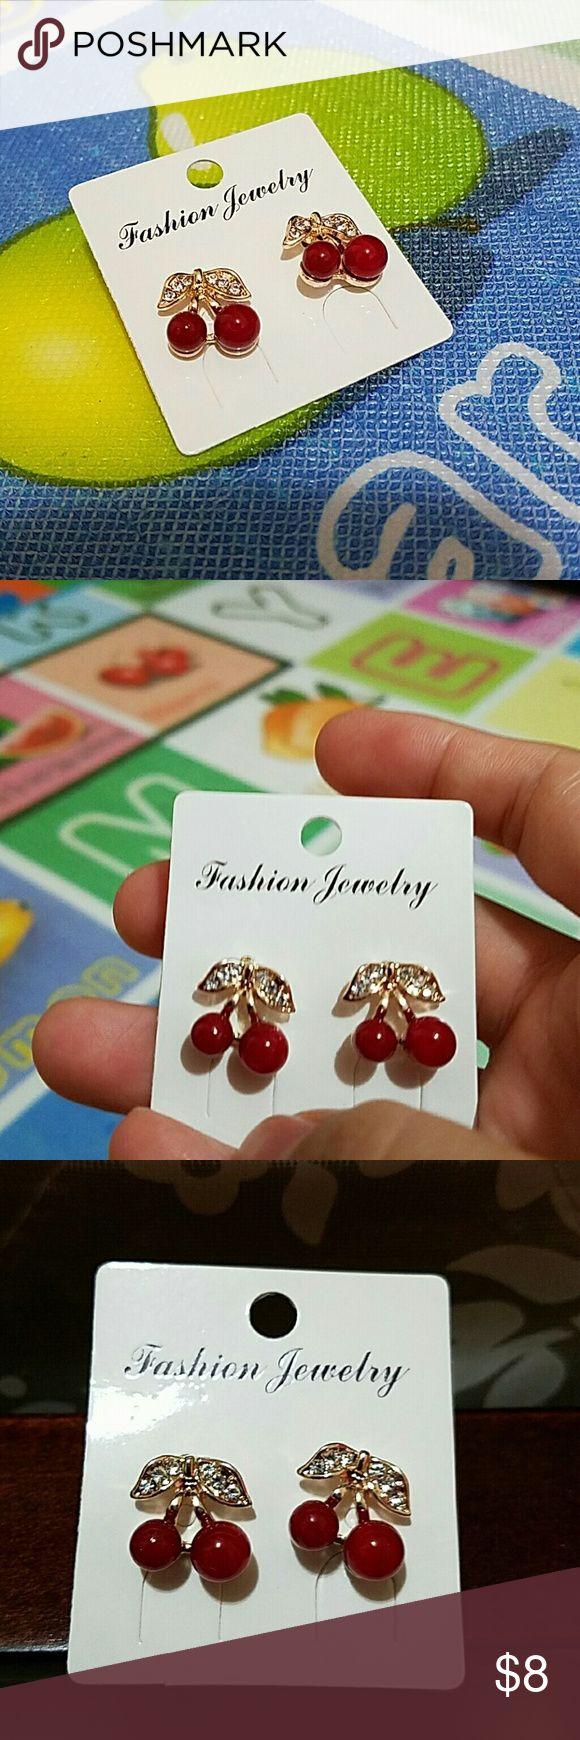 Cherry earrings Women Red Cherry Clear Rhinestone Ear Studs Beads Golden Alloy Leaves Earrings (Size: One Size) Jewelry Earrings